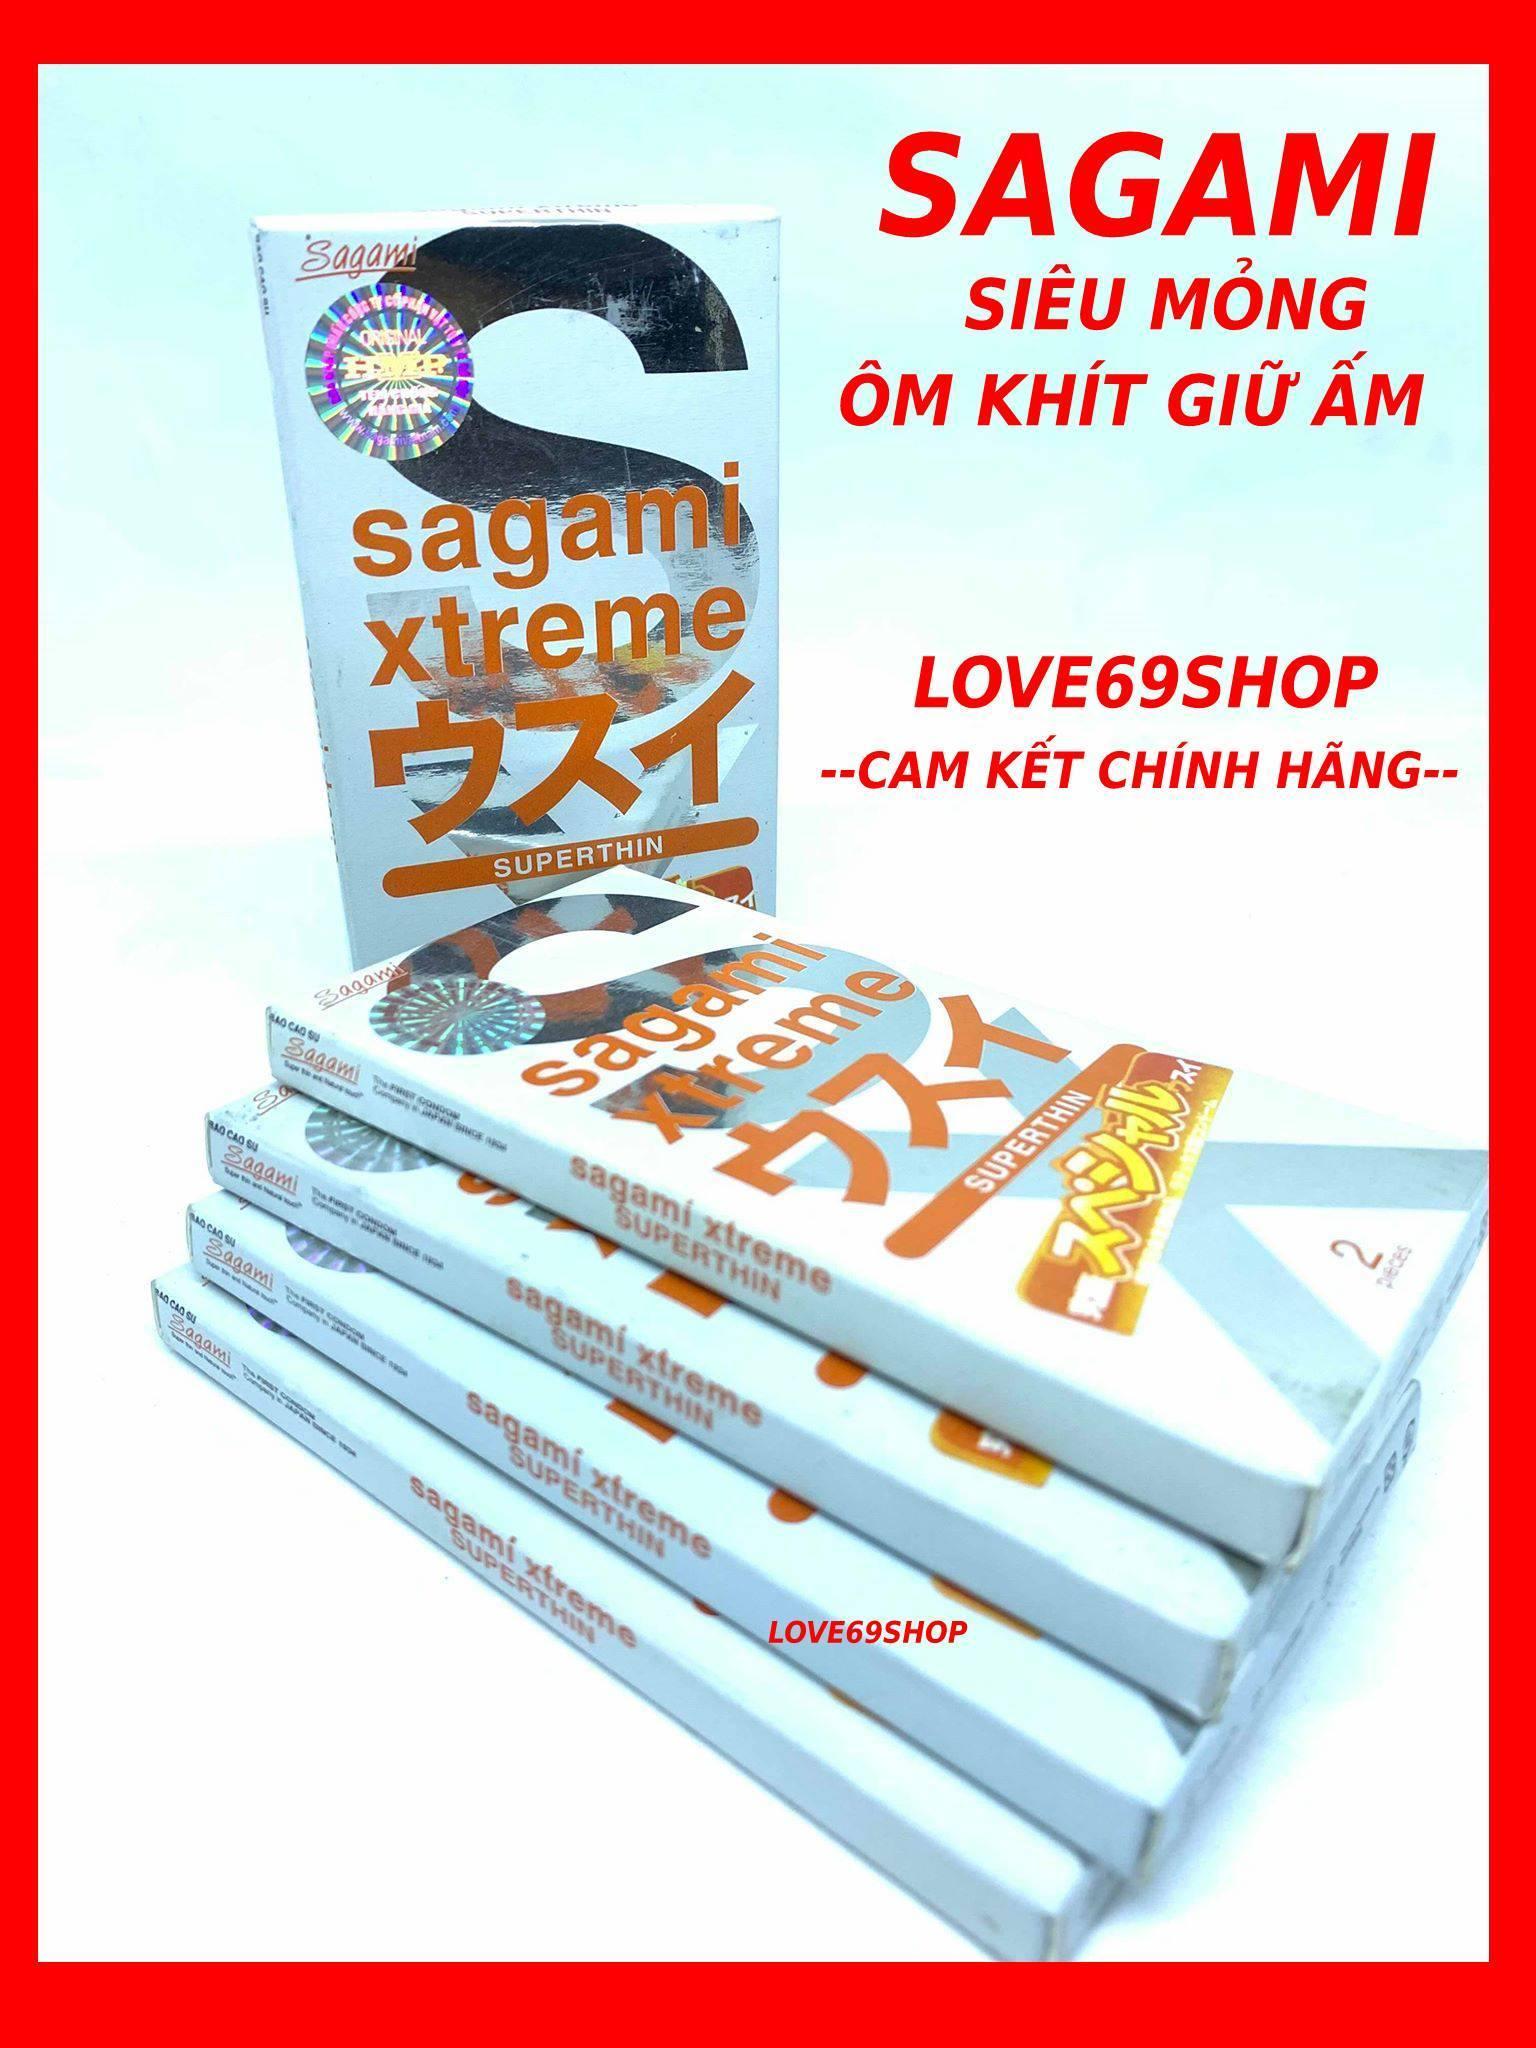 Bộ 5 hộp bao cao su siêu mỏng Sagami Xtreme Superthin (1 hộp 2 chiếc - 5 hộp 10 chiếc) cao cấp